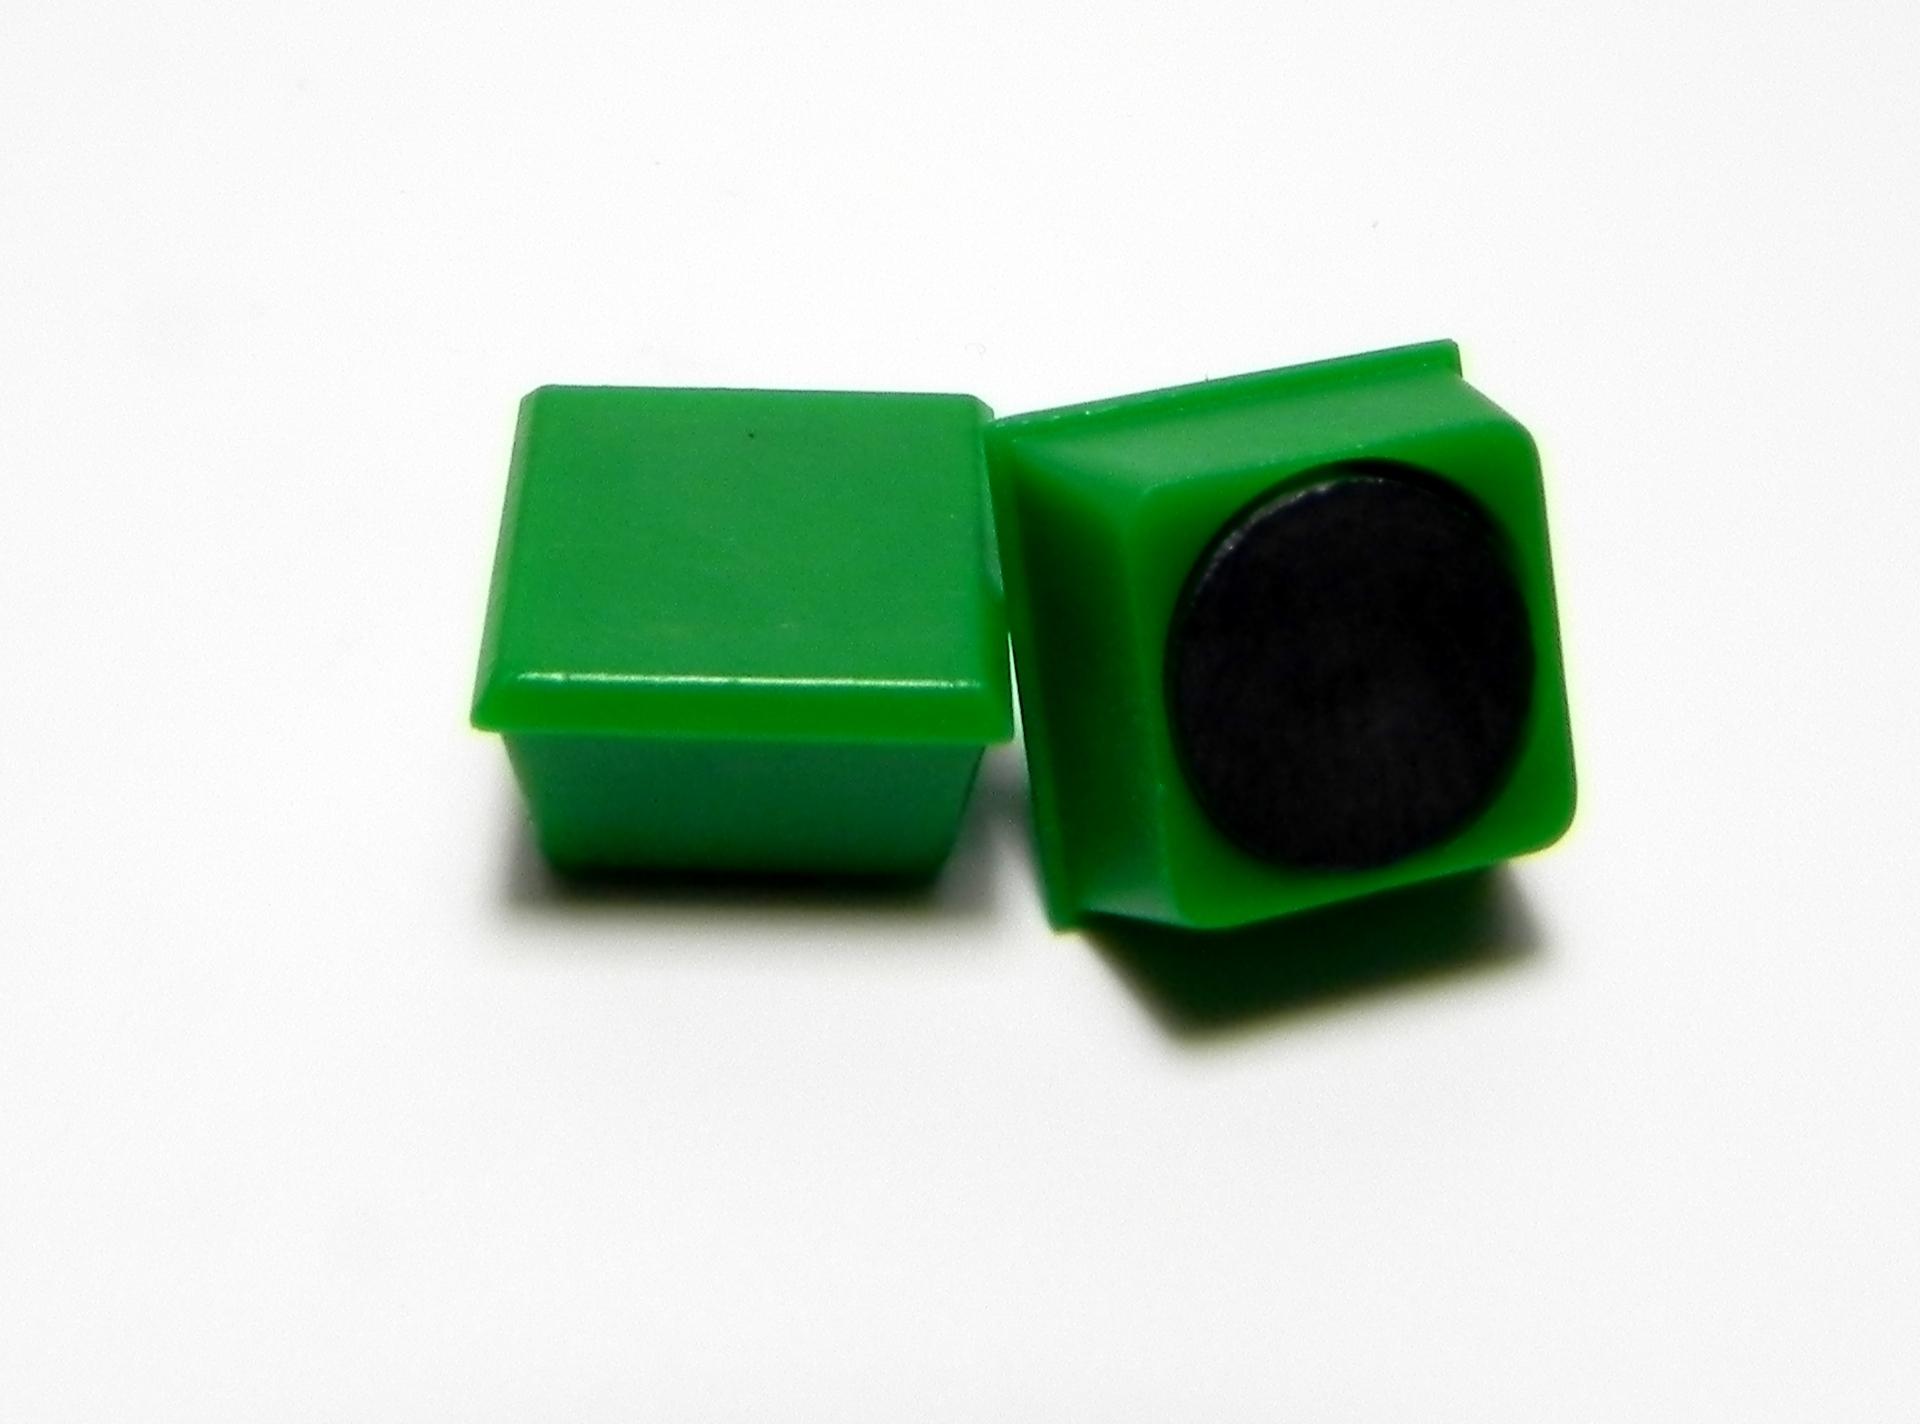 organisationsmagnete rechteckig 11 x 11mm kleine magnete zur befestigung leichter gegenst nde. Black Bedroom Furniture Sets. Home Design Ideas